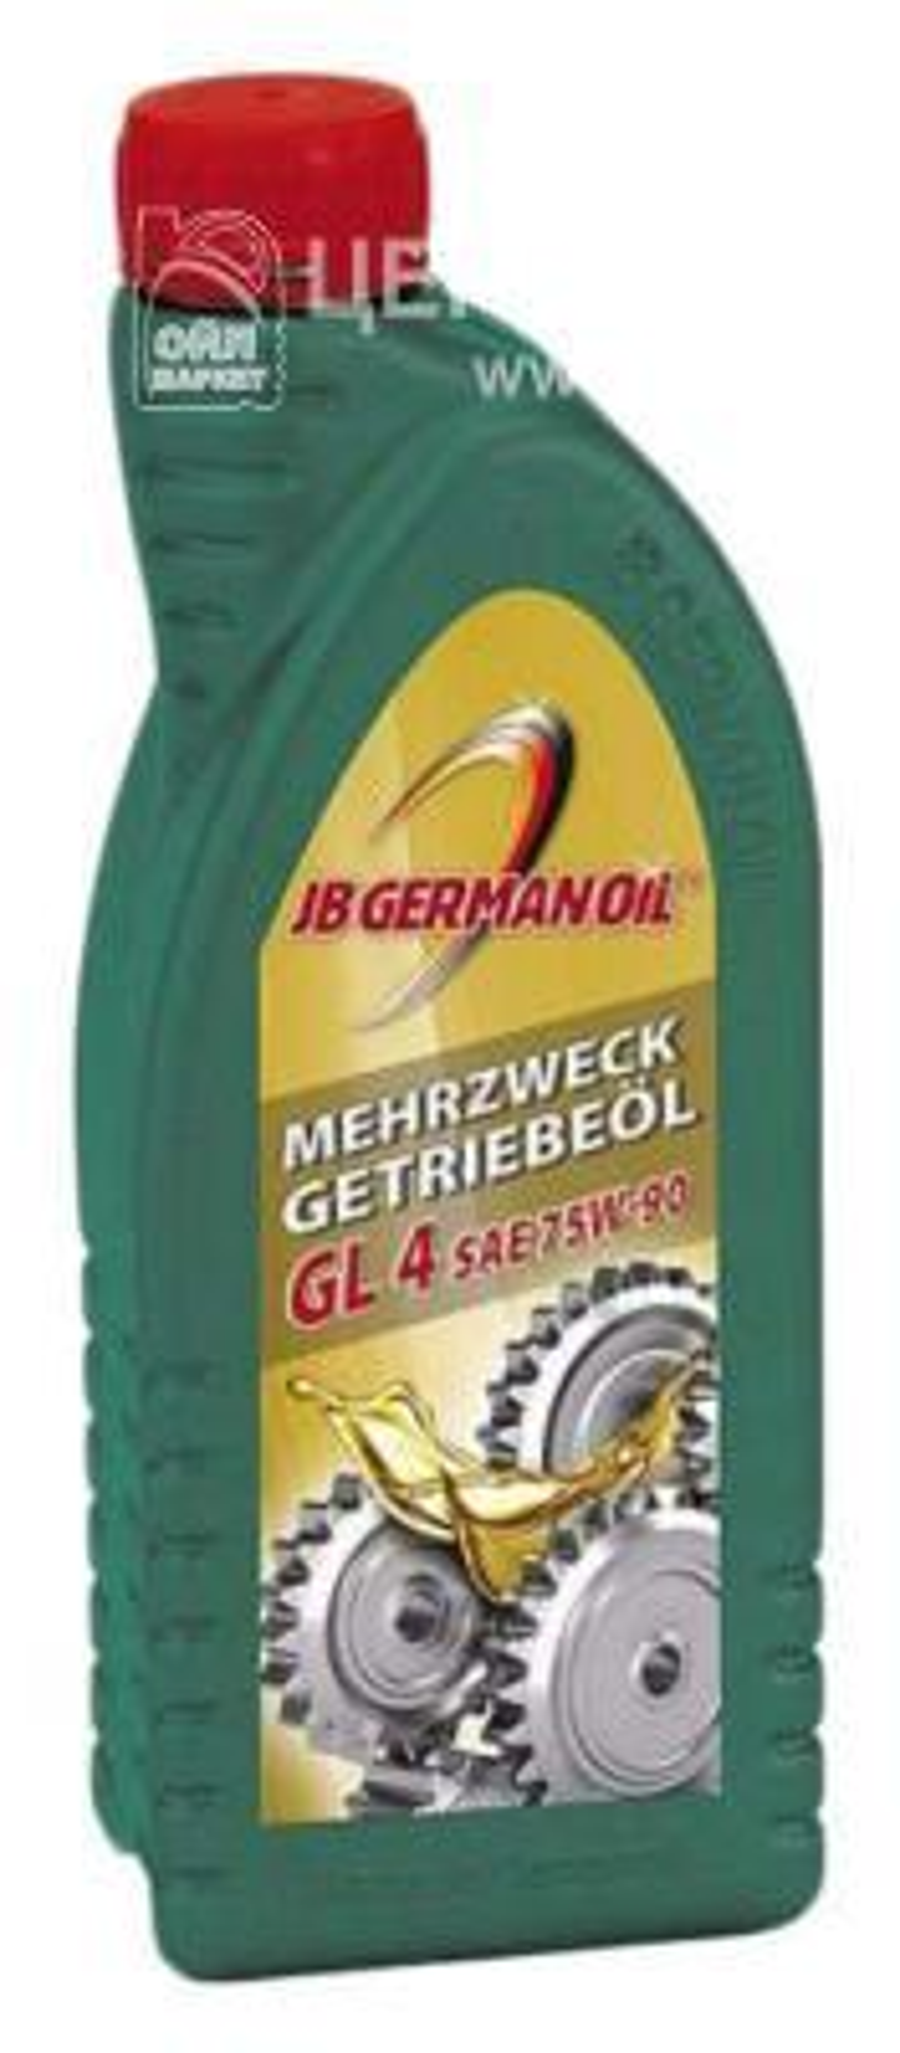 Масло трансмиссионное полусинтетическое GL-4 75W-90, 1л